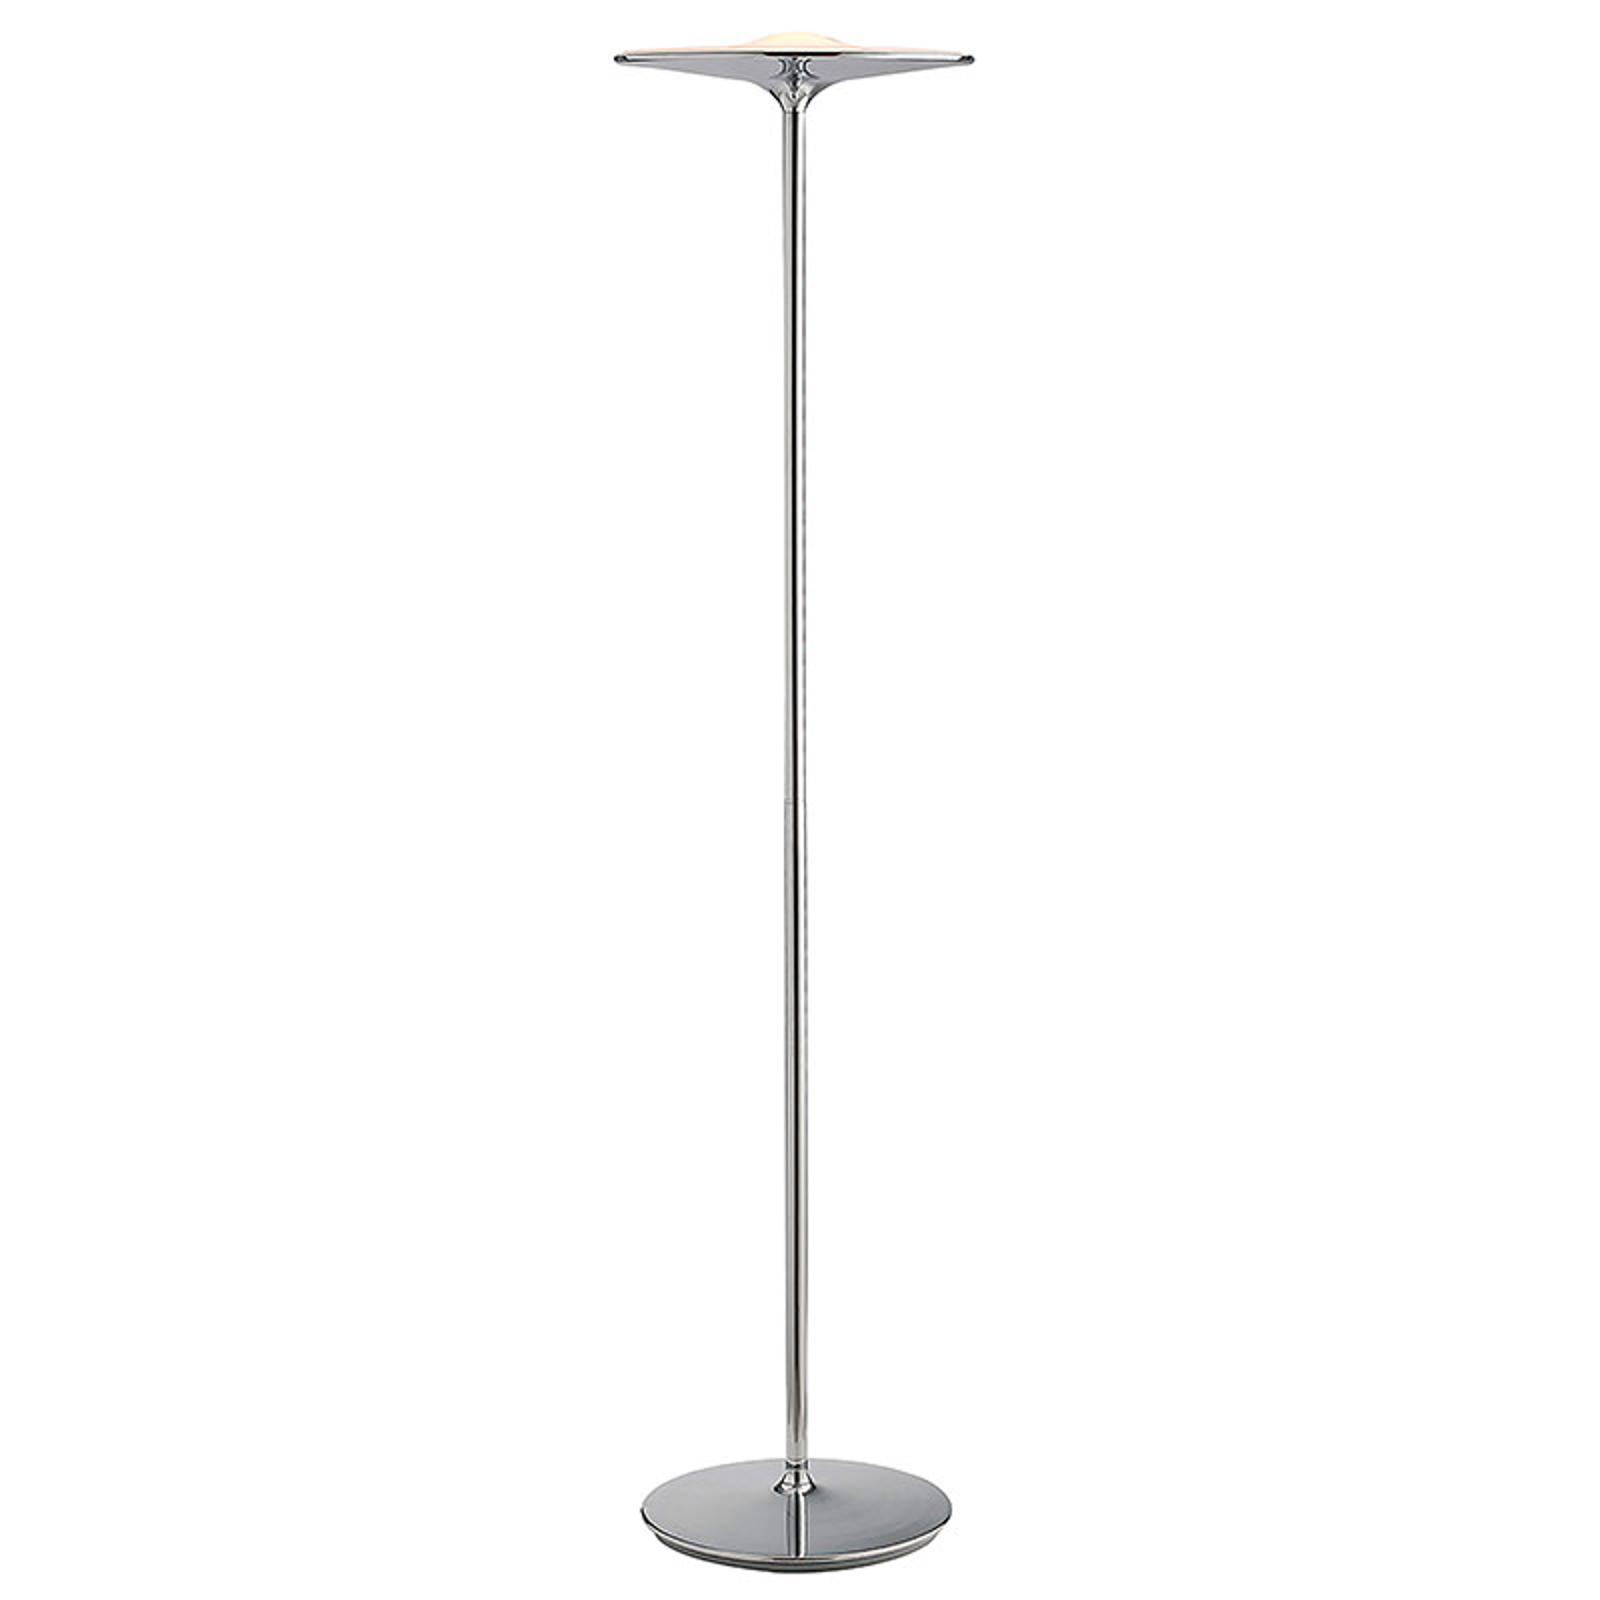 Lampa stojąca LED Ikon z wykończeniem chromowanym